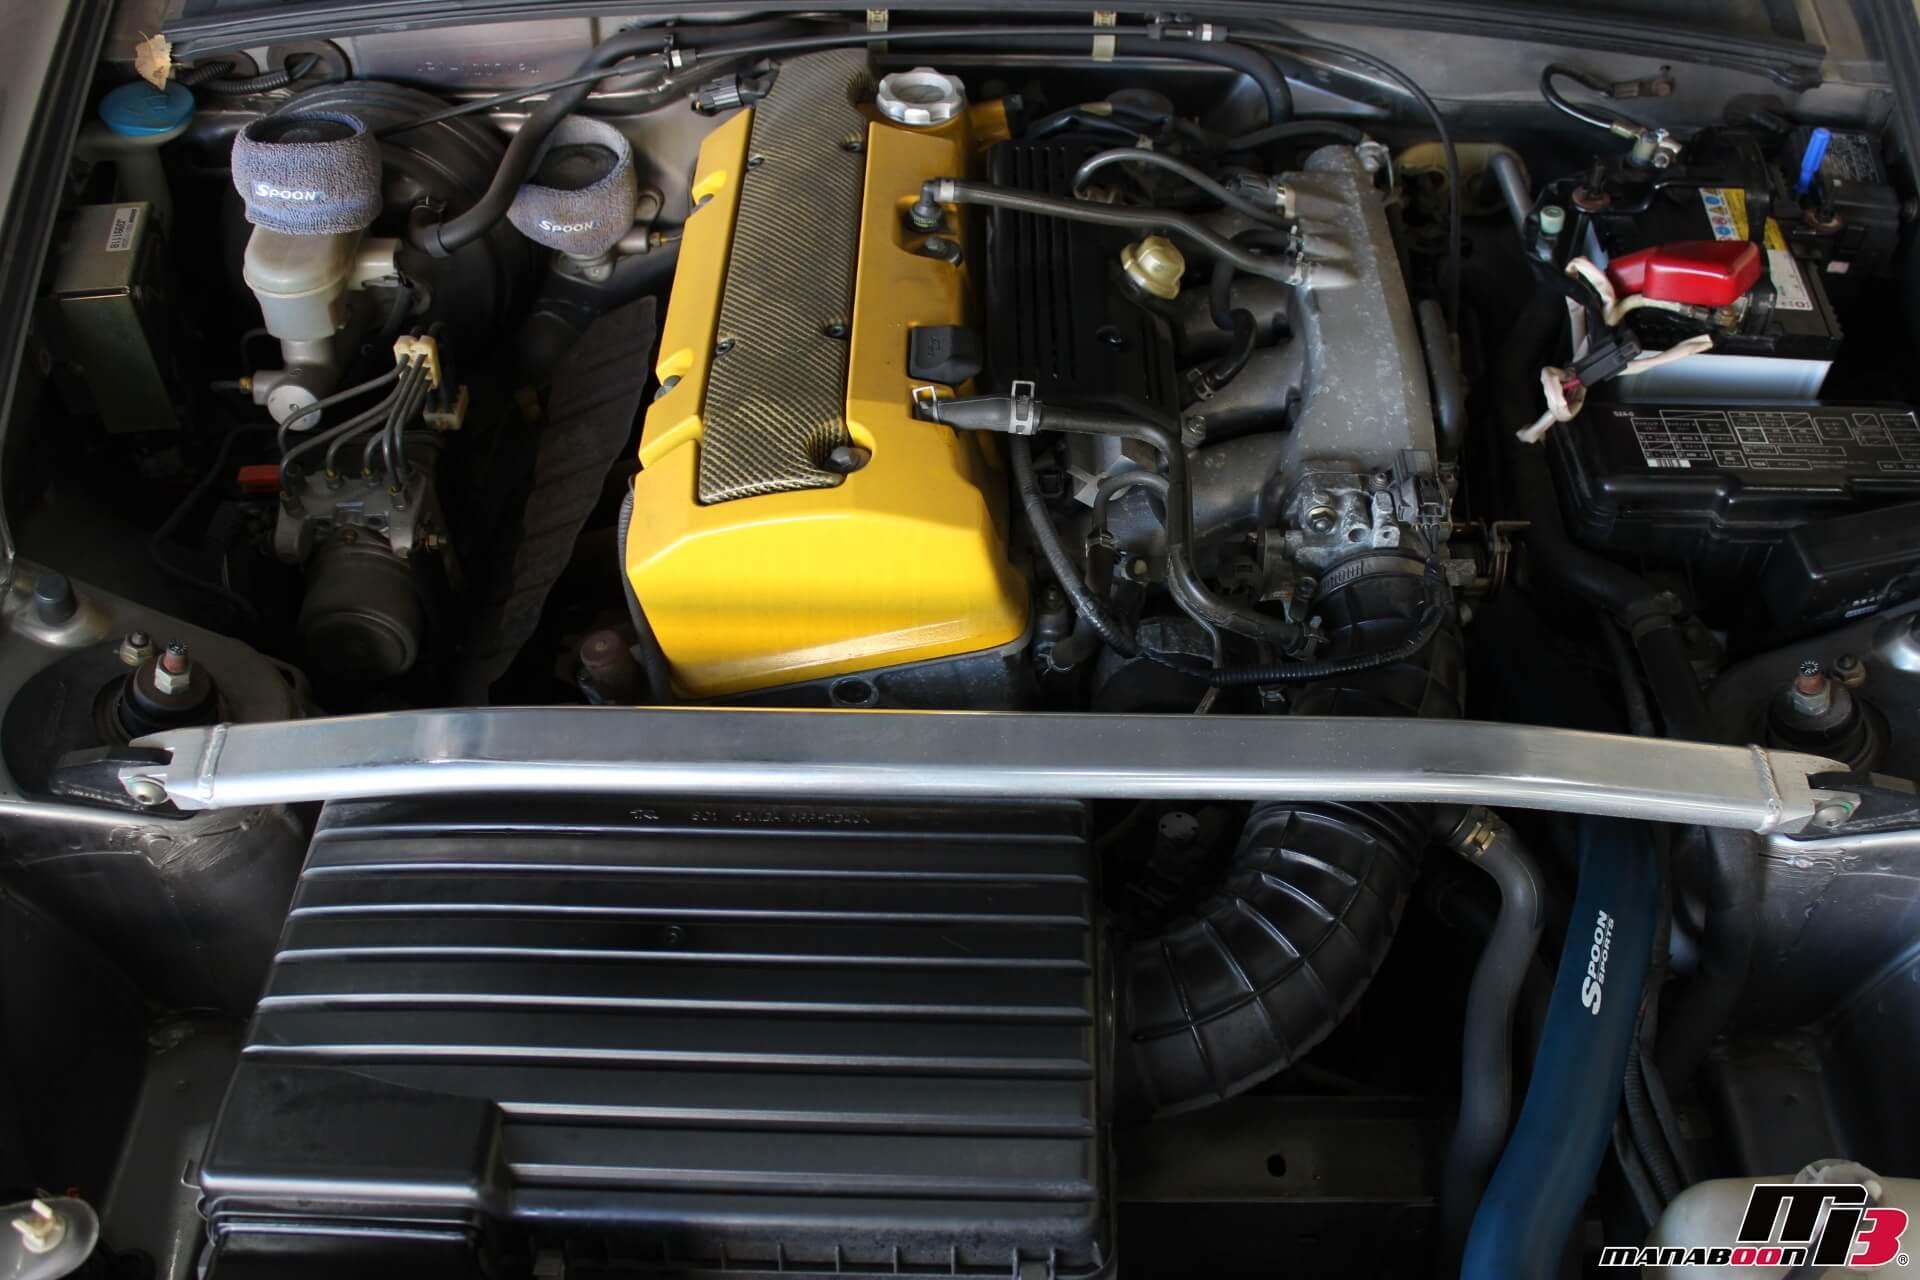 SPOON S2000 リノベーションカー エンジンルーム画像